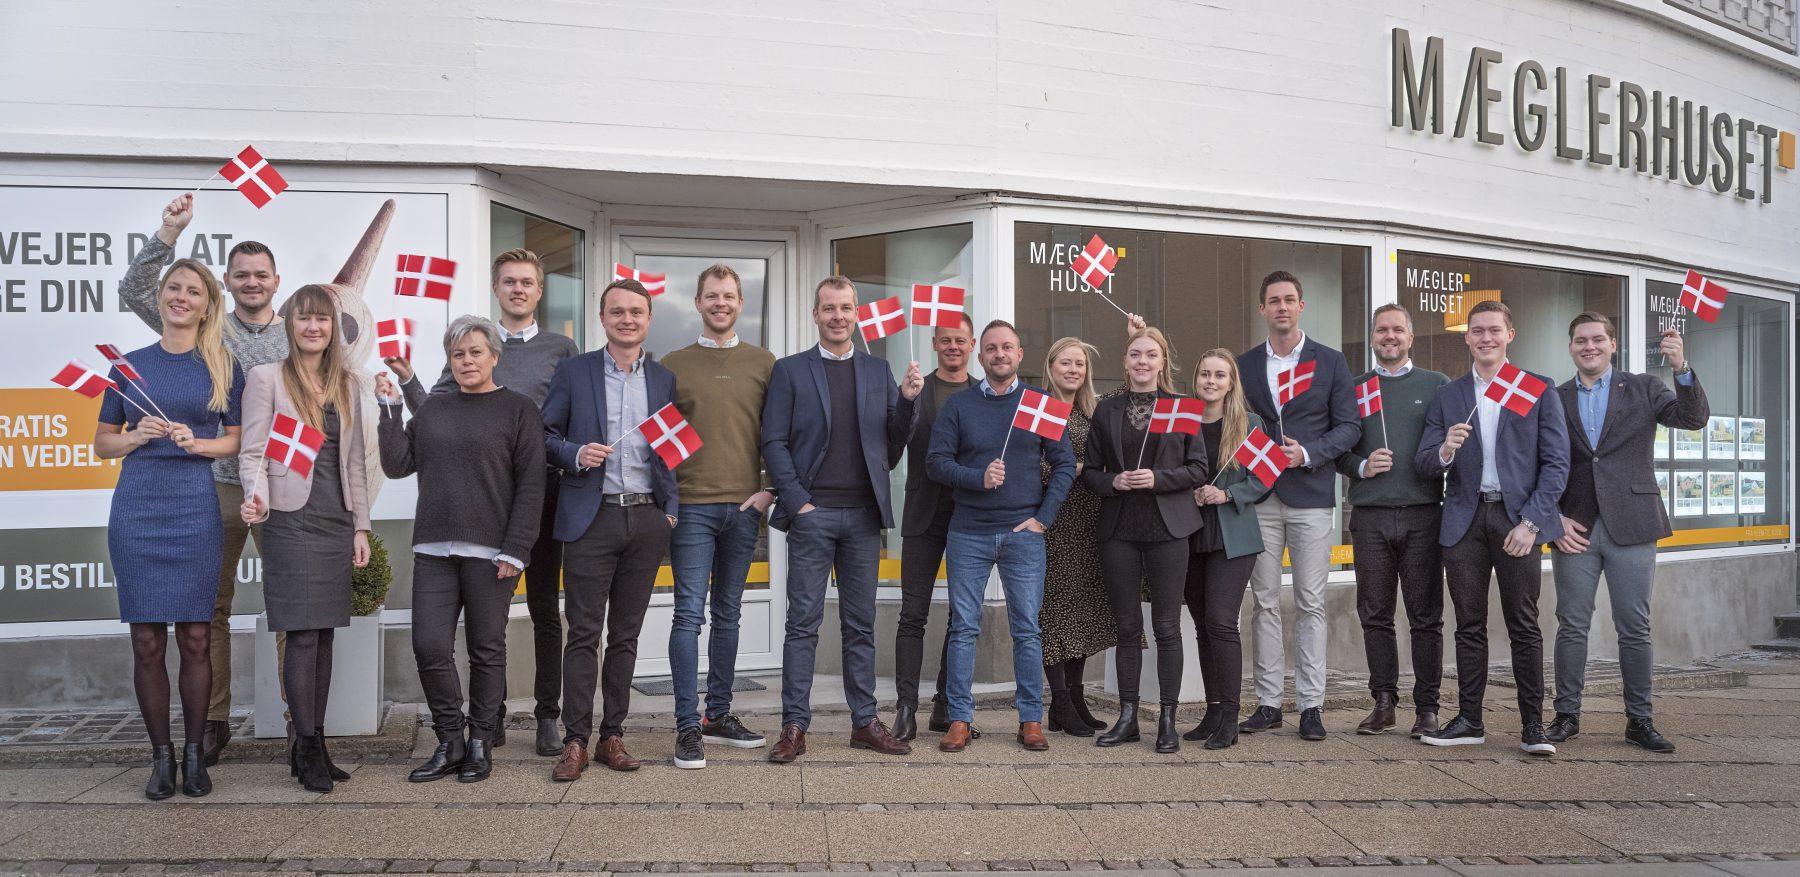 Team_maeglerhuset